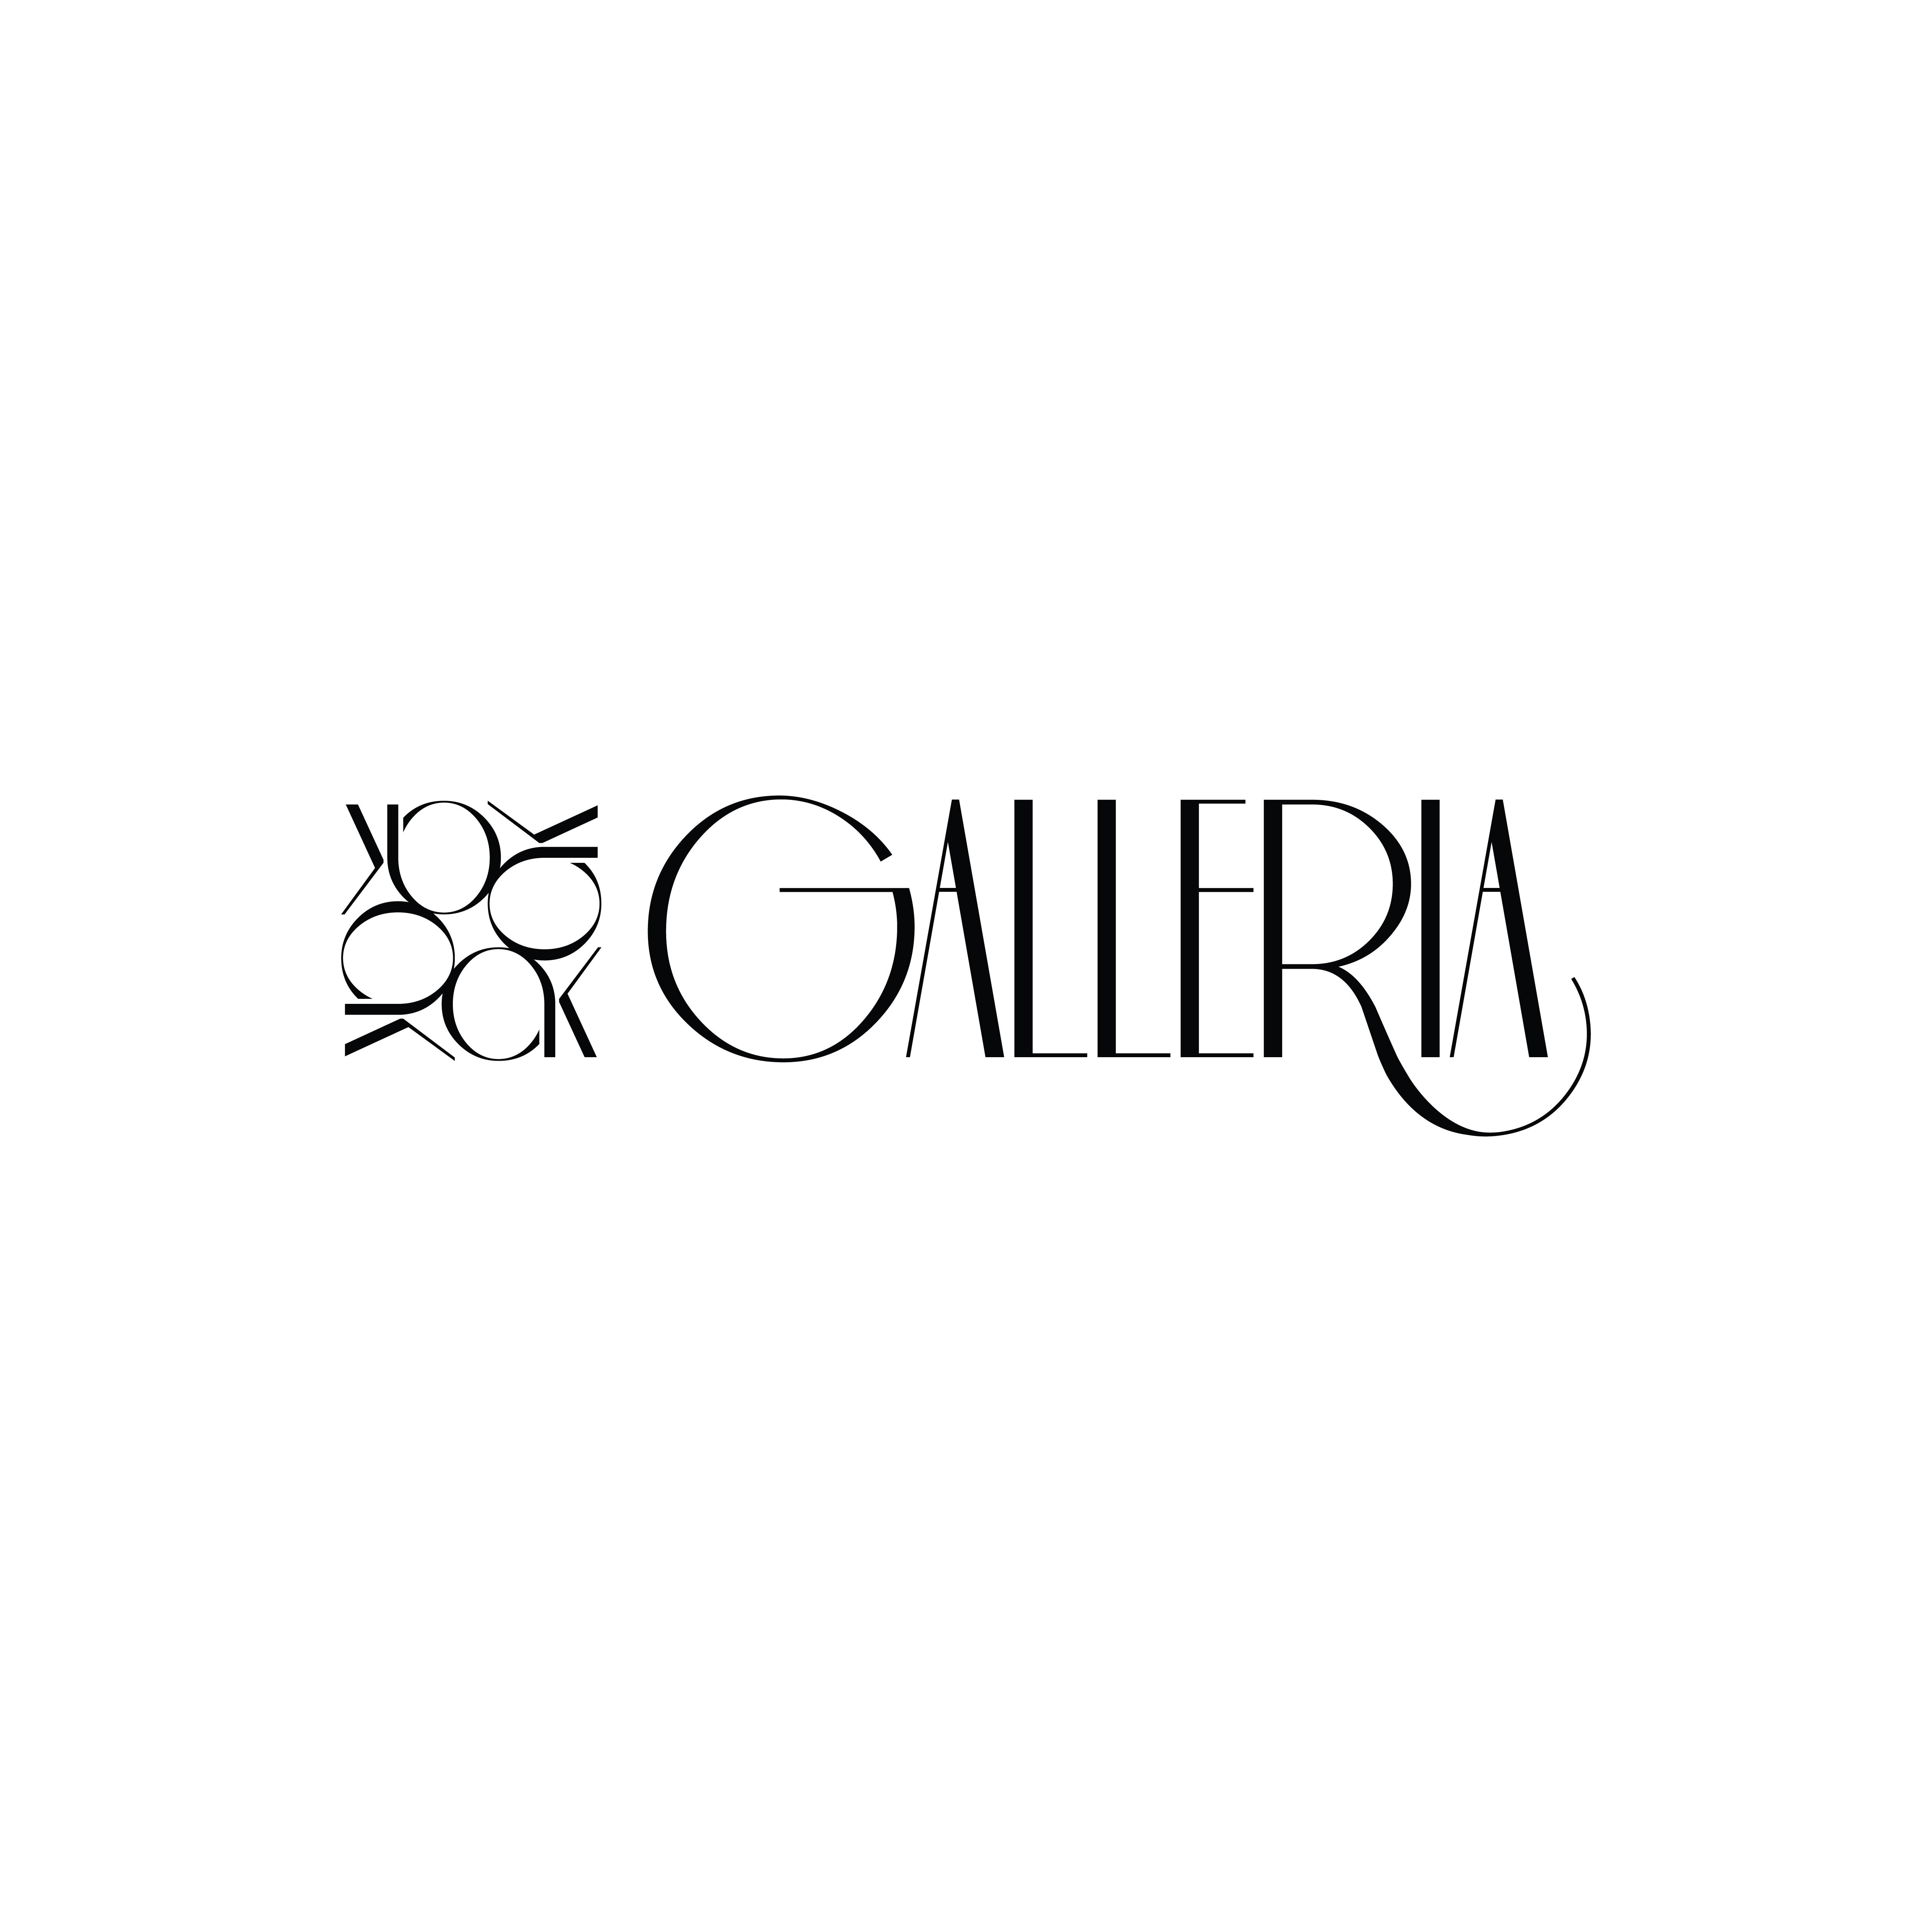 560115fe4c24 Ulaemma - ALDO - Brands - Women - AKGalleria